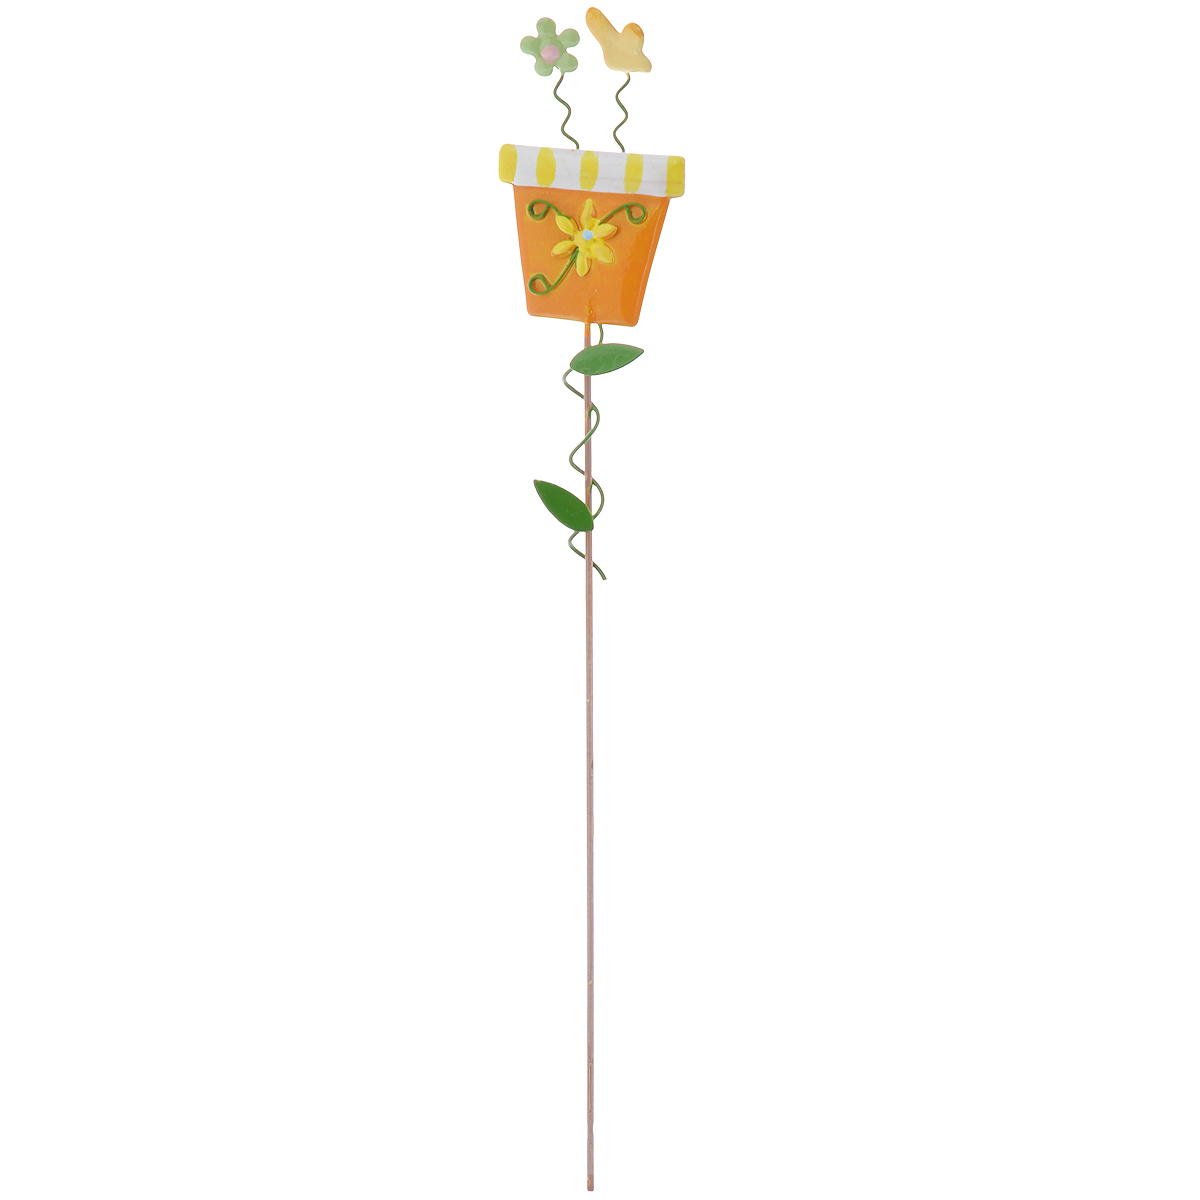 Украшение на ножке Village People Солнечная клумба, цвет: оранжевый, высота 30 смB-0304Украшение на ножке Village People Солнечная клумба поможет вам дополнить экстерьер красивой и яркой деталью. Такое украшение очень просто вставляется в землю с помощью длинной ножки, оно отлично переносит любые погодные условия и прослужит долгое время. Идеально подходит для декорирования садового участка, грядок, клумб, домашних цветов в горшках, а также для поддержки и правильного роста декоративных растений.Размер декоративного элемента: 4,5 см х 7,5 см. Высота: 30 см.